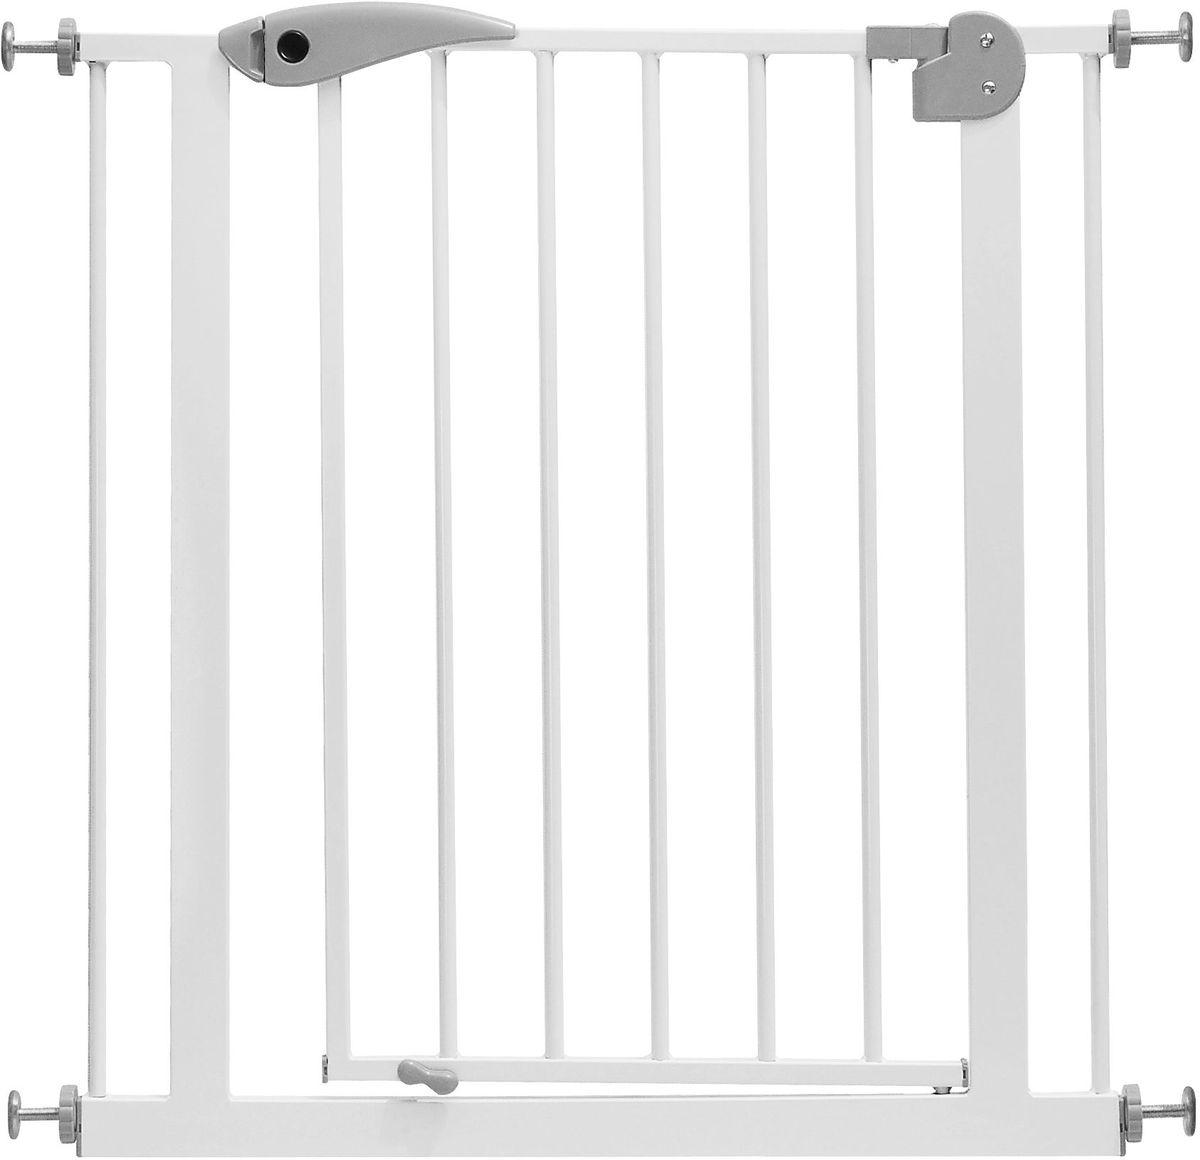 Baby Safe Барьер-калитка для дверного проема 75-85 см цвет белый серый - Безопасность ребенка